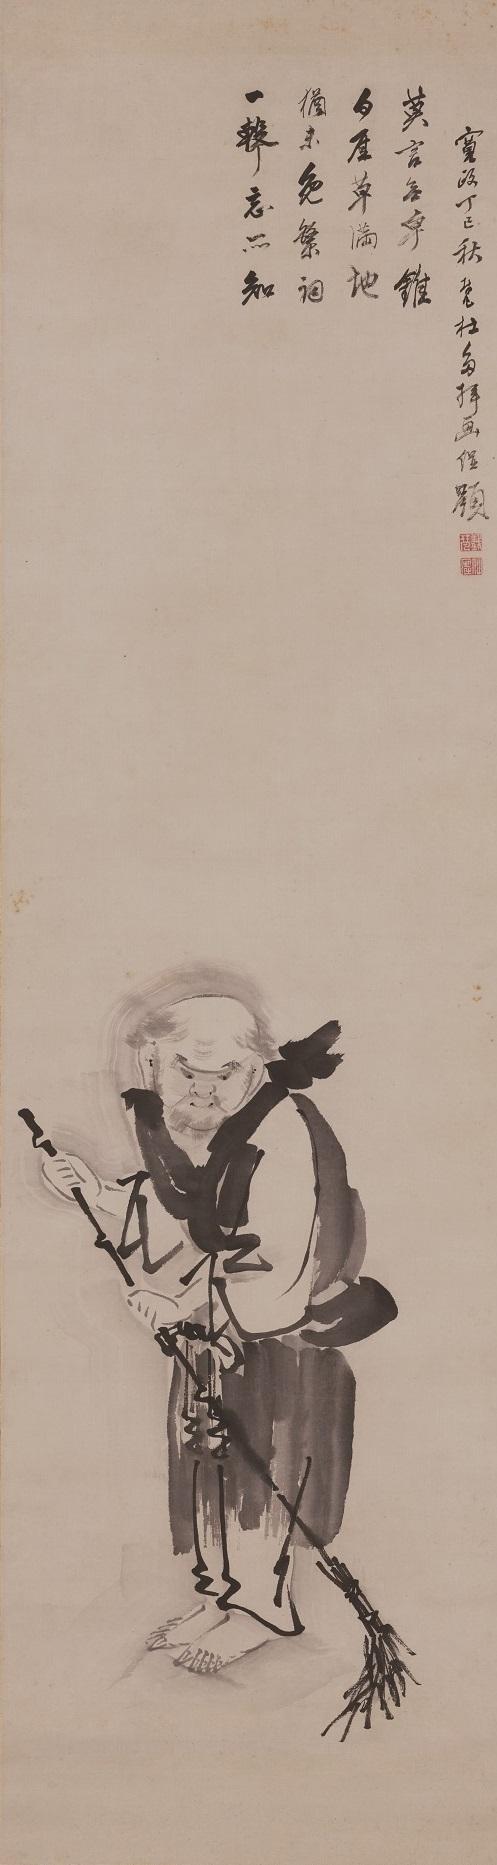 仙厓義梵筆 《香厳撃竹図》